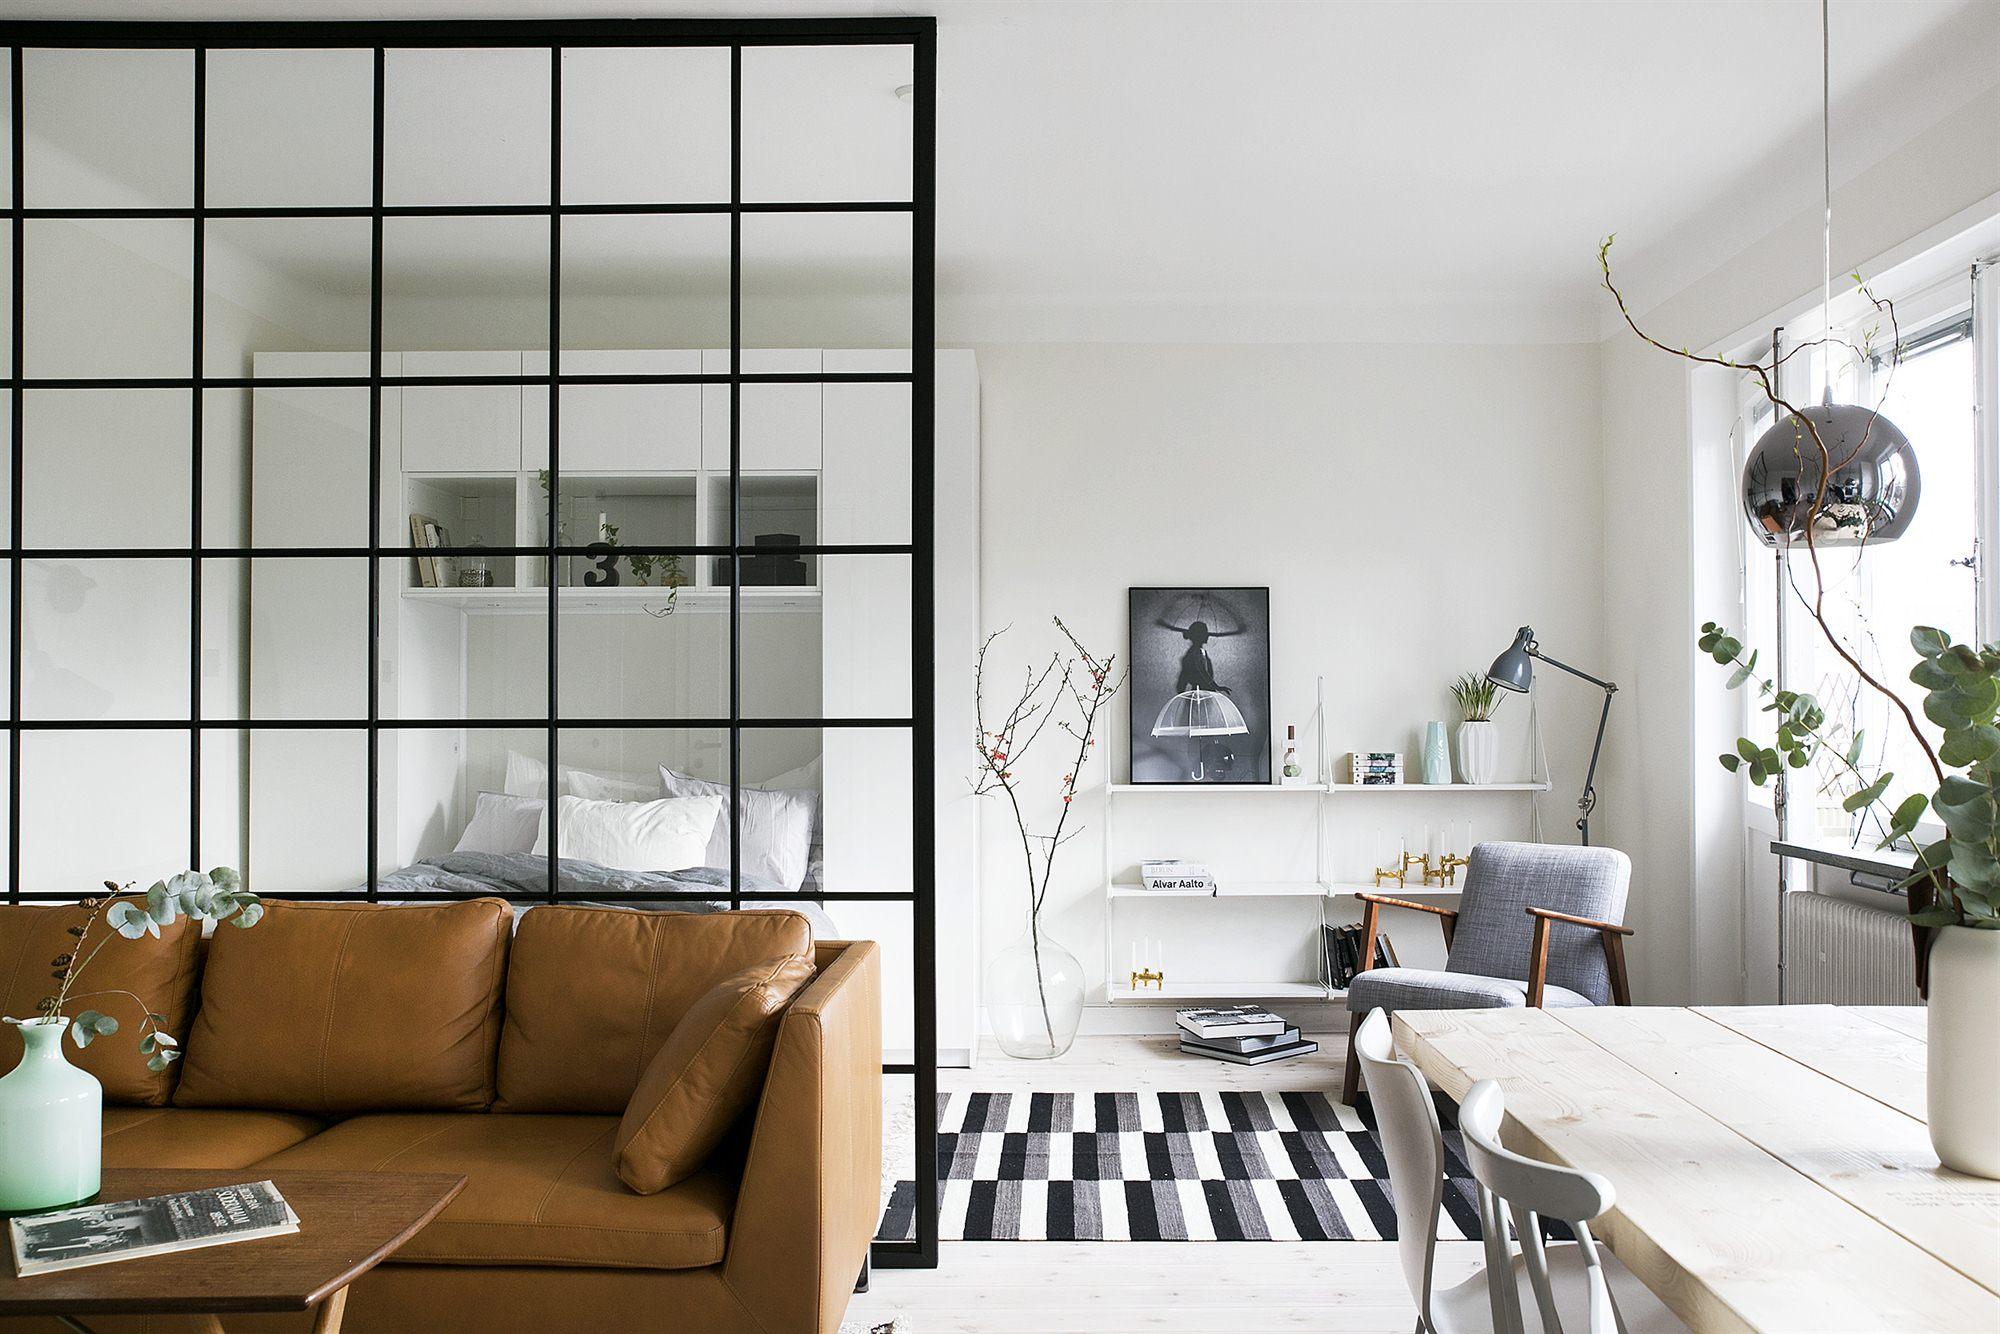 dividere le stanze senza muri: foto case architetti - living corriere - Dividere Cucina Dal Soggiorno Con Vetro 2